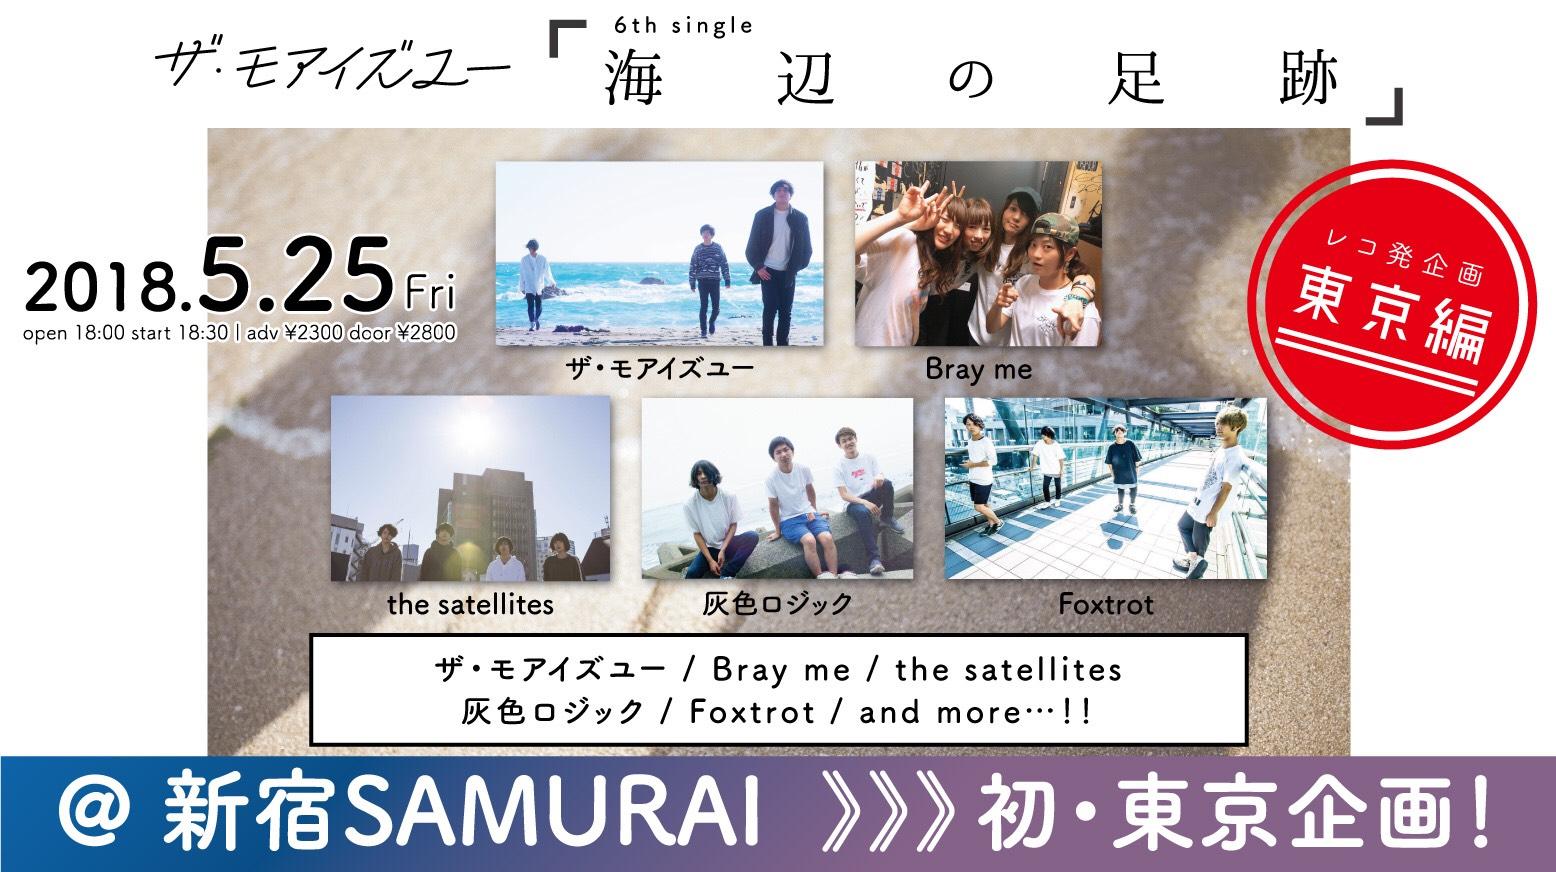 """ザ・モアイズユー6th single """"海辺の足跡"""" レコ発企画 東京編"""